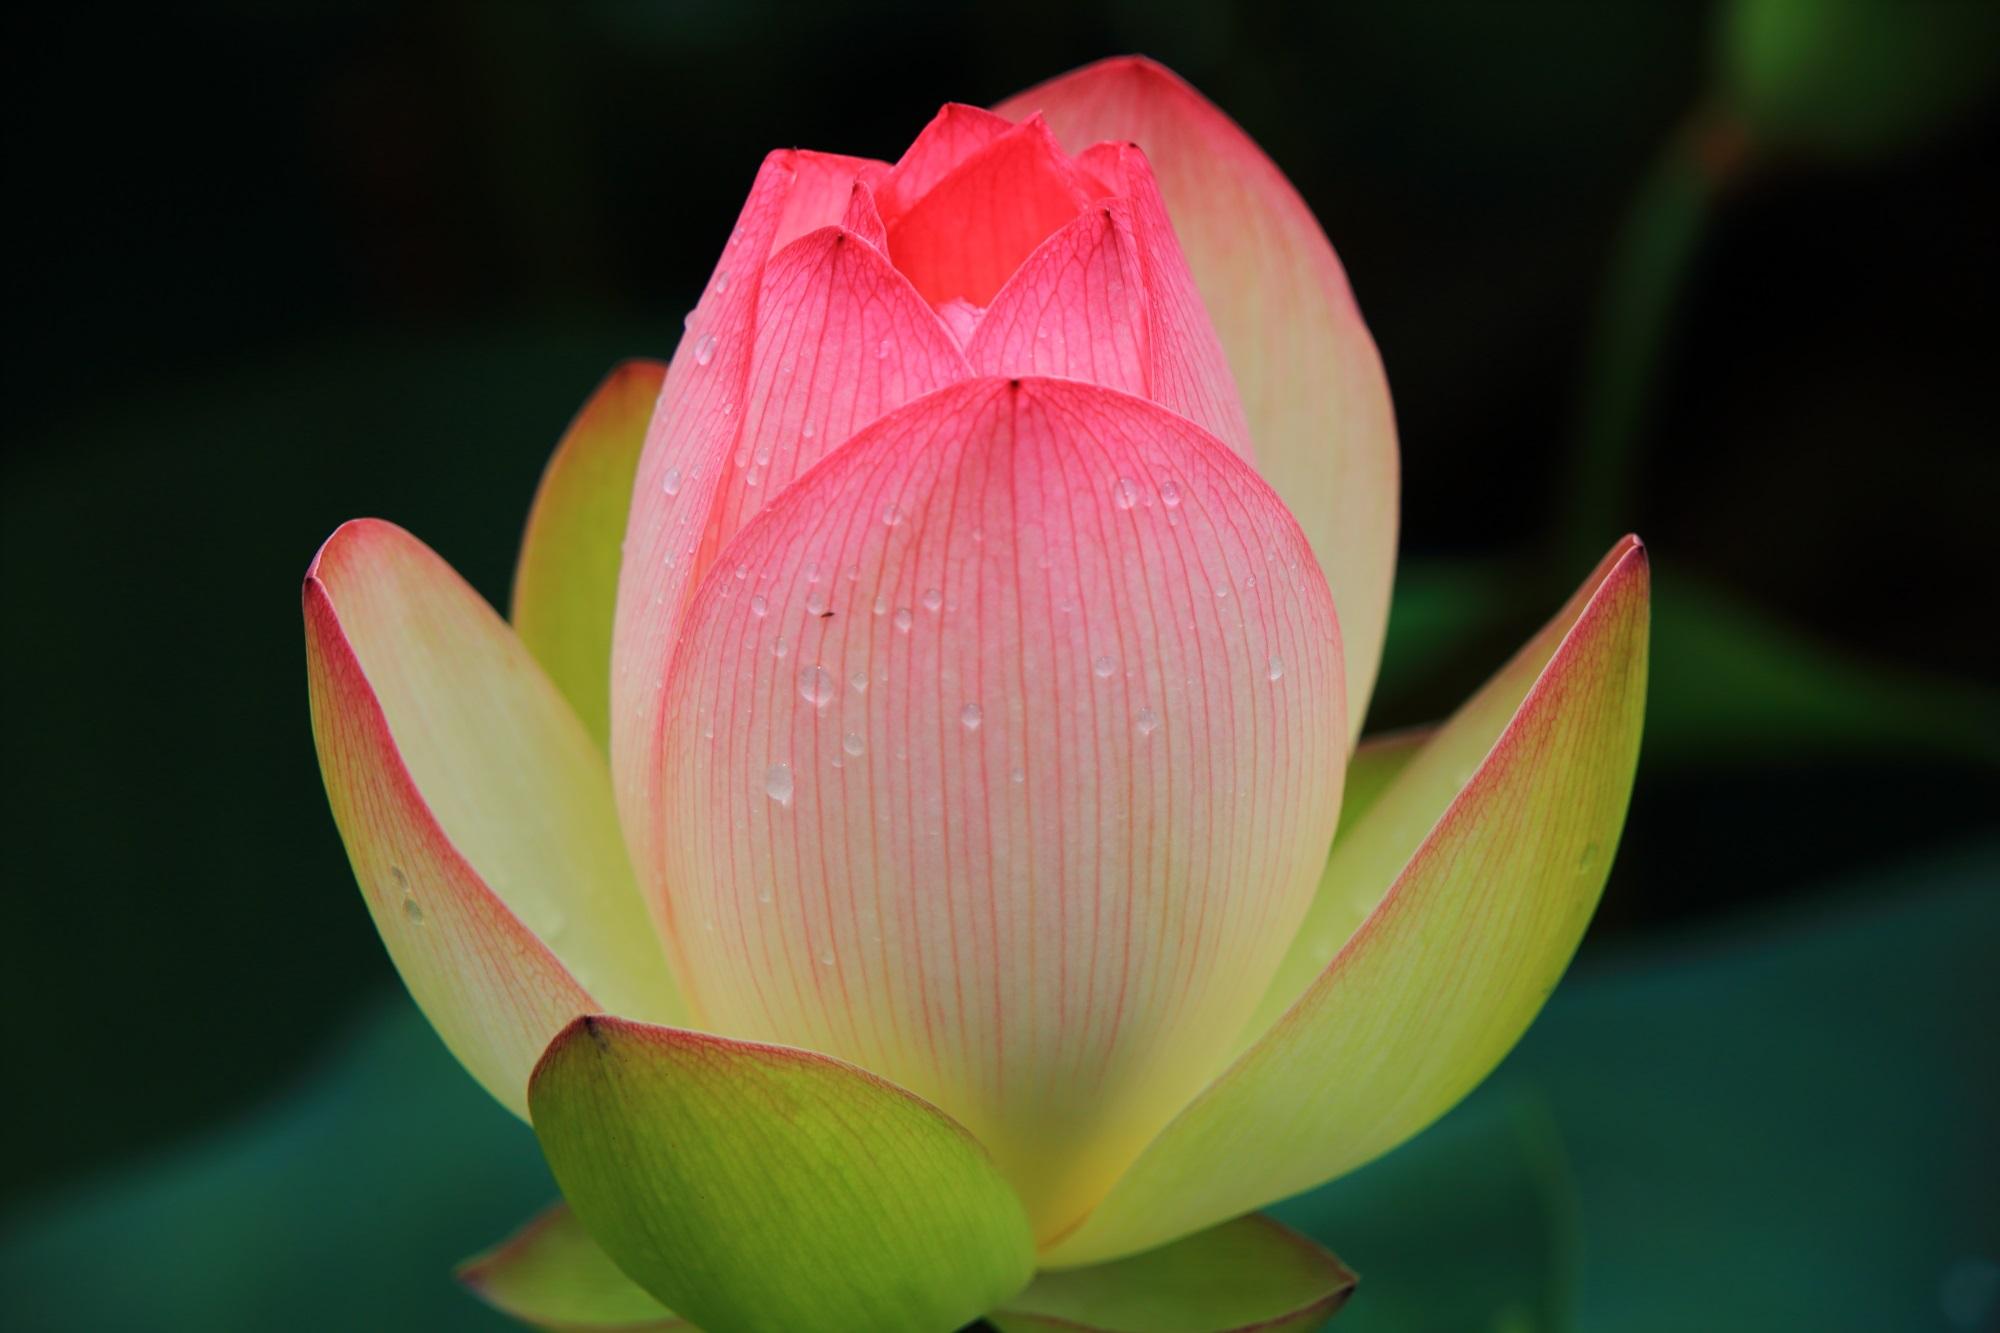 花に葉の緑が残る上品な雰囲気のする蓮の花